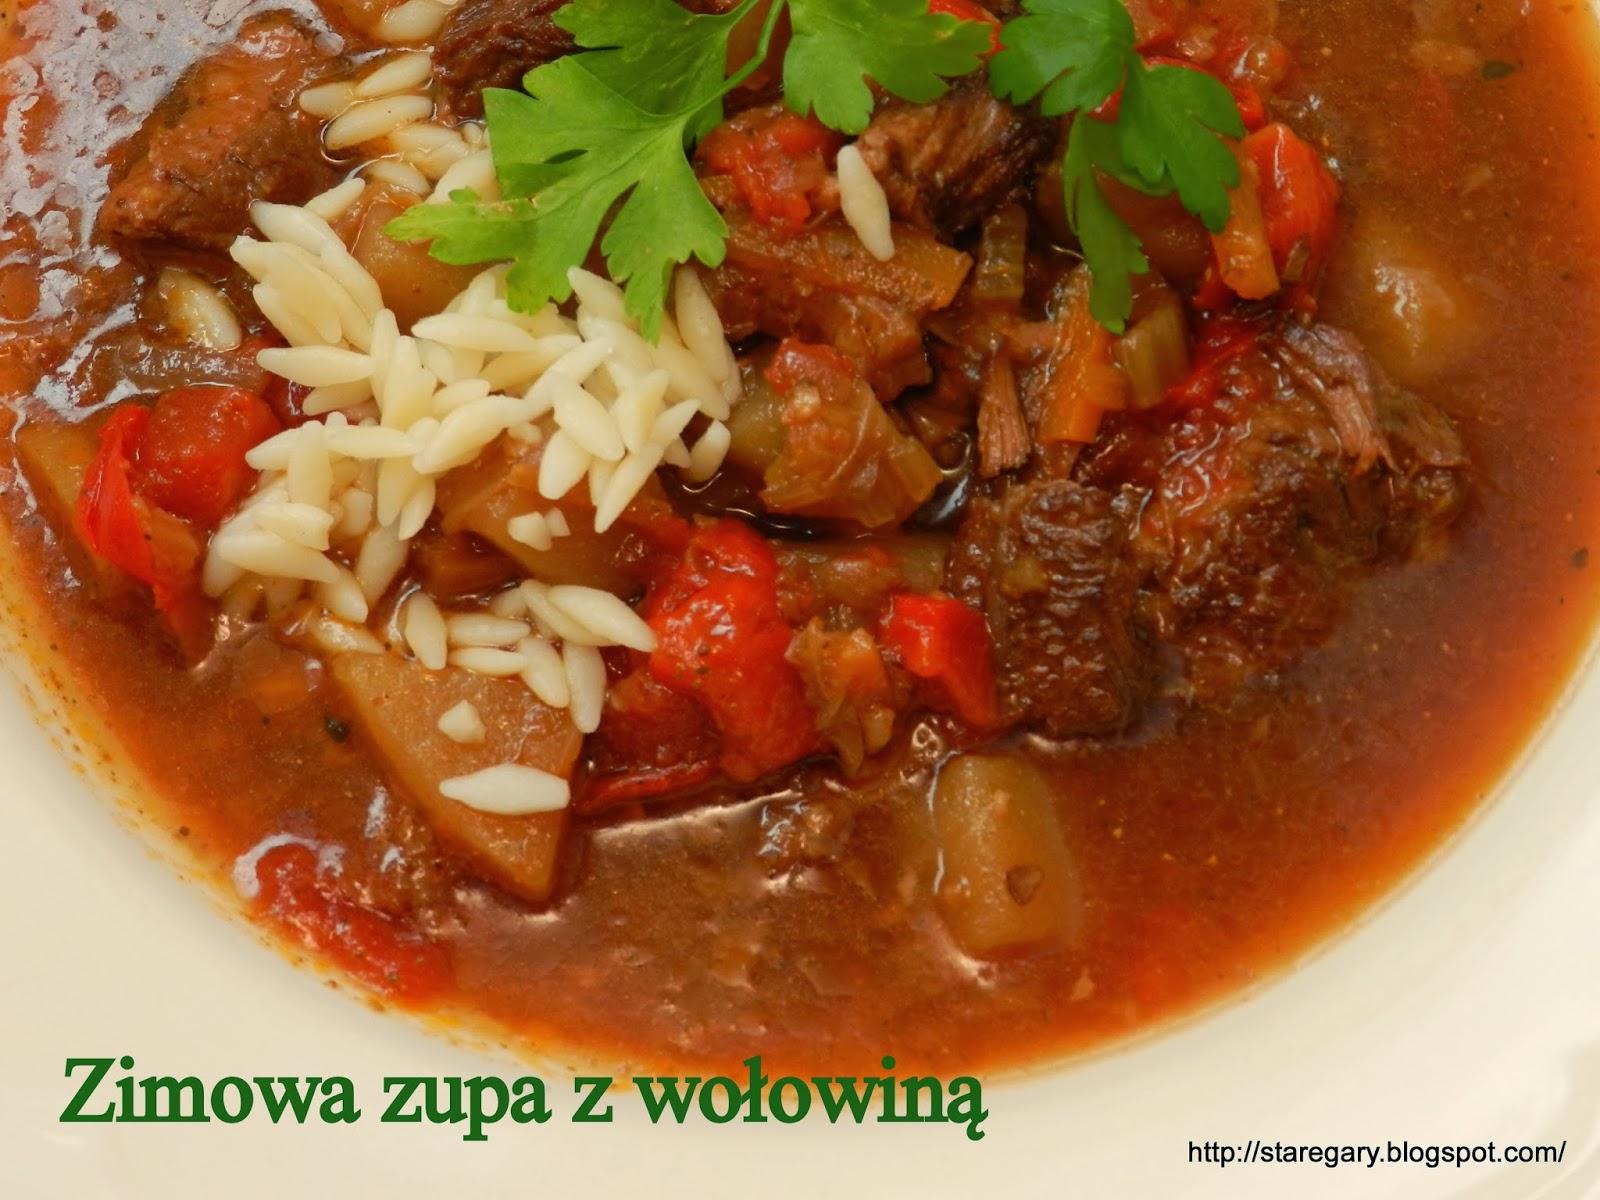 Zimowa zupa z wołowiną